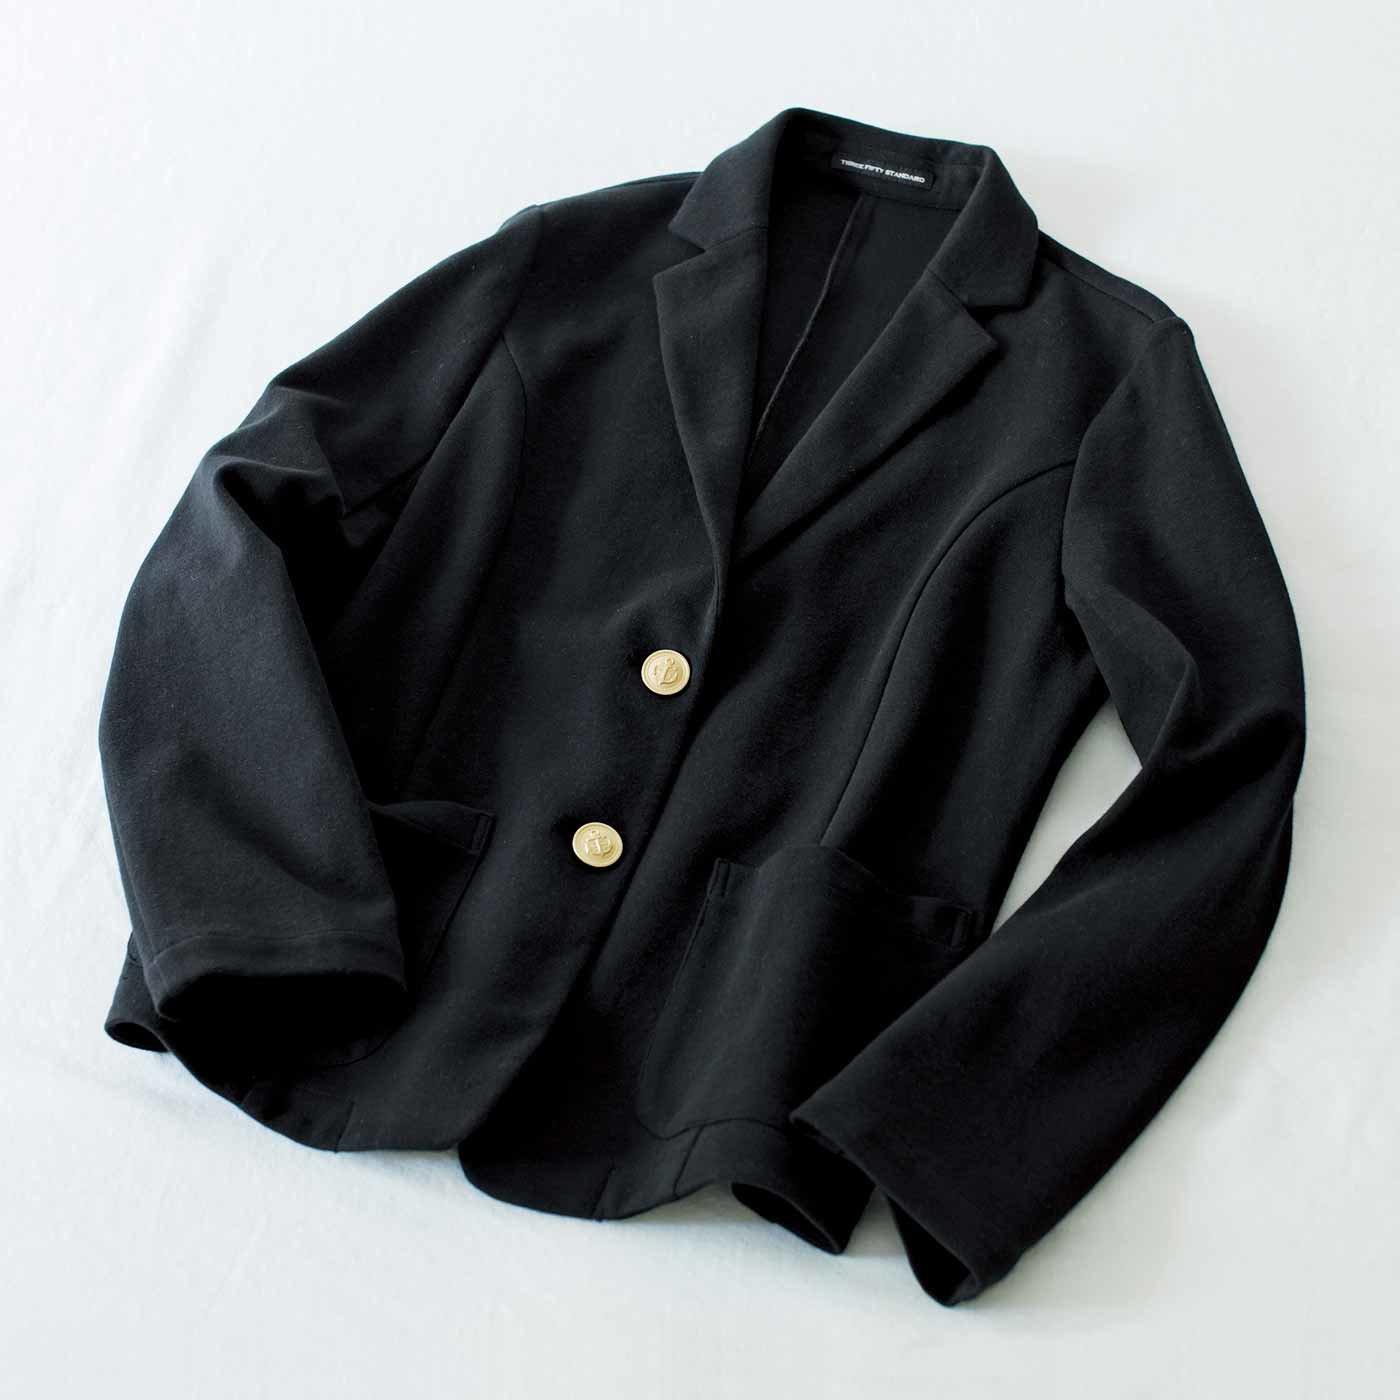 THREE FIFTY STANDARD カットソーきれいめジャケット〈ブラック〉